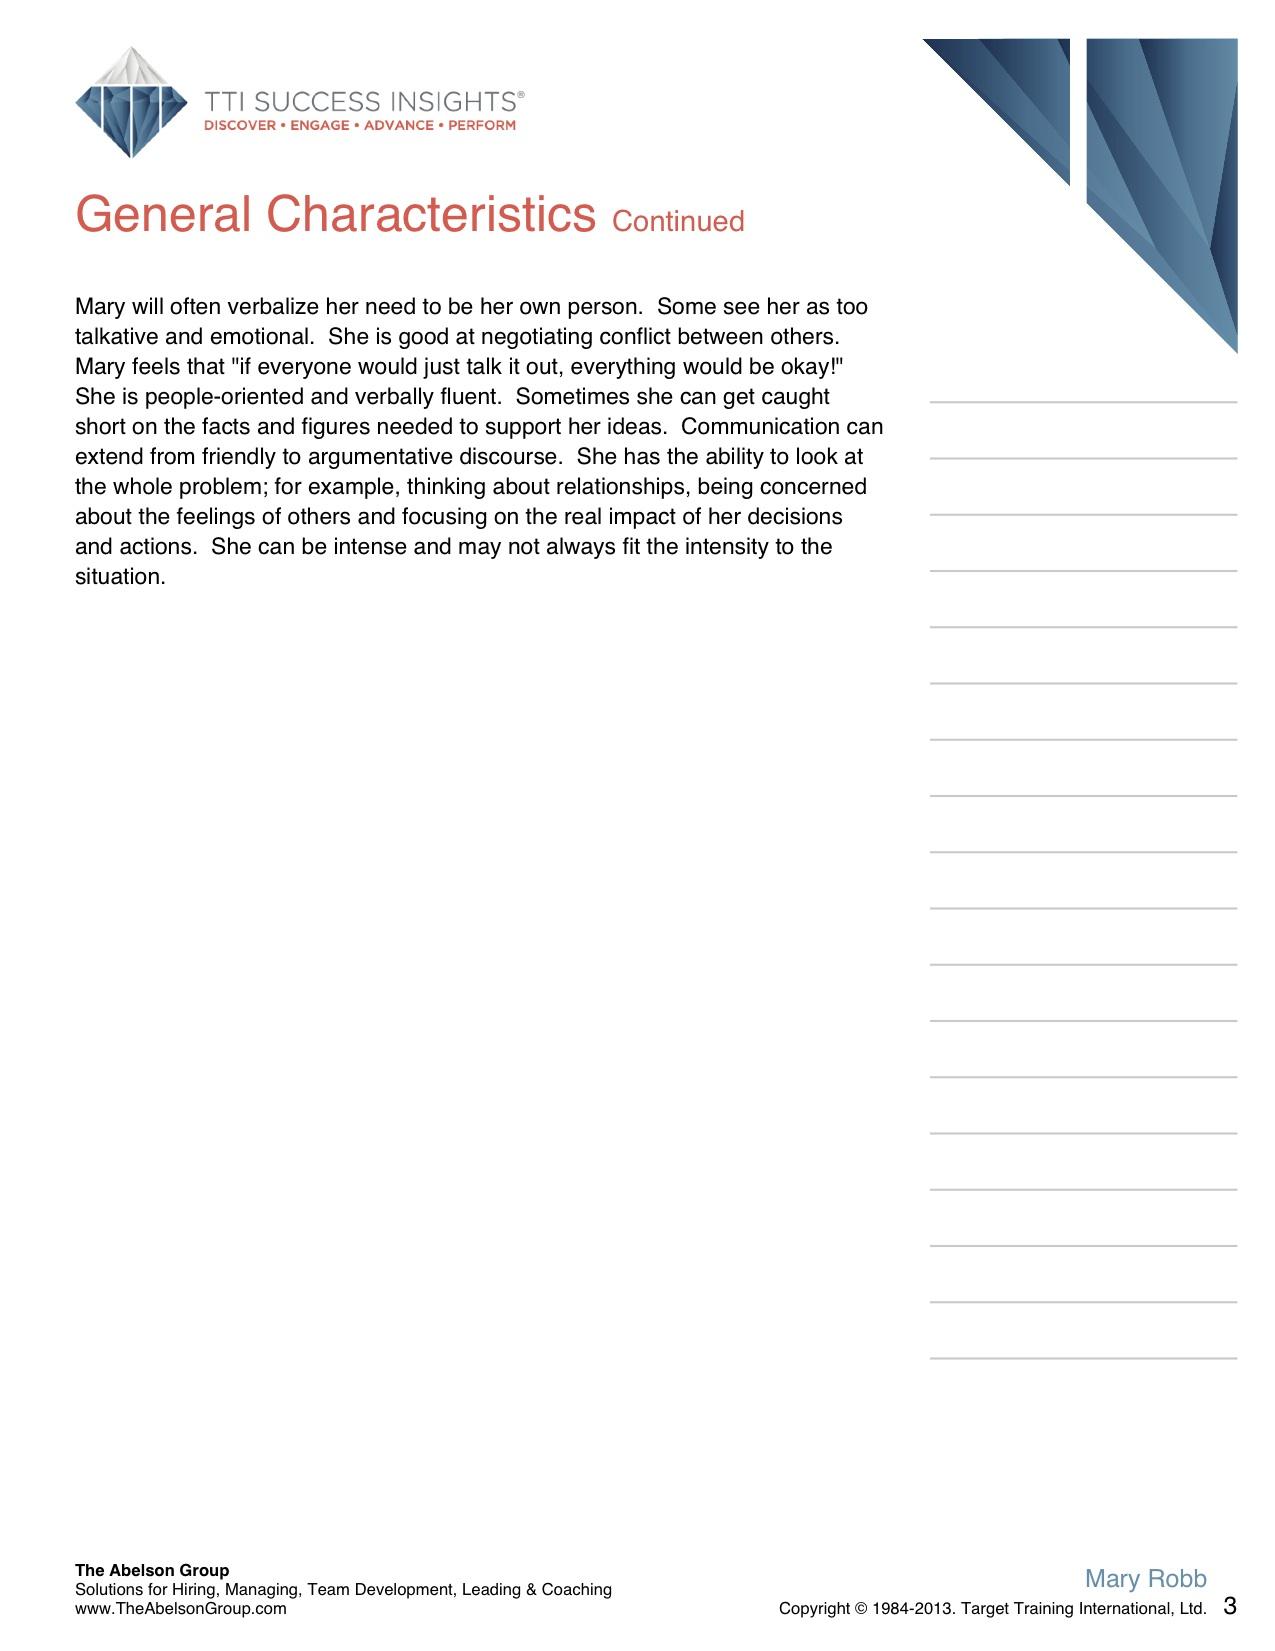 General Characteristics Cont'd